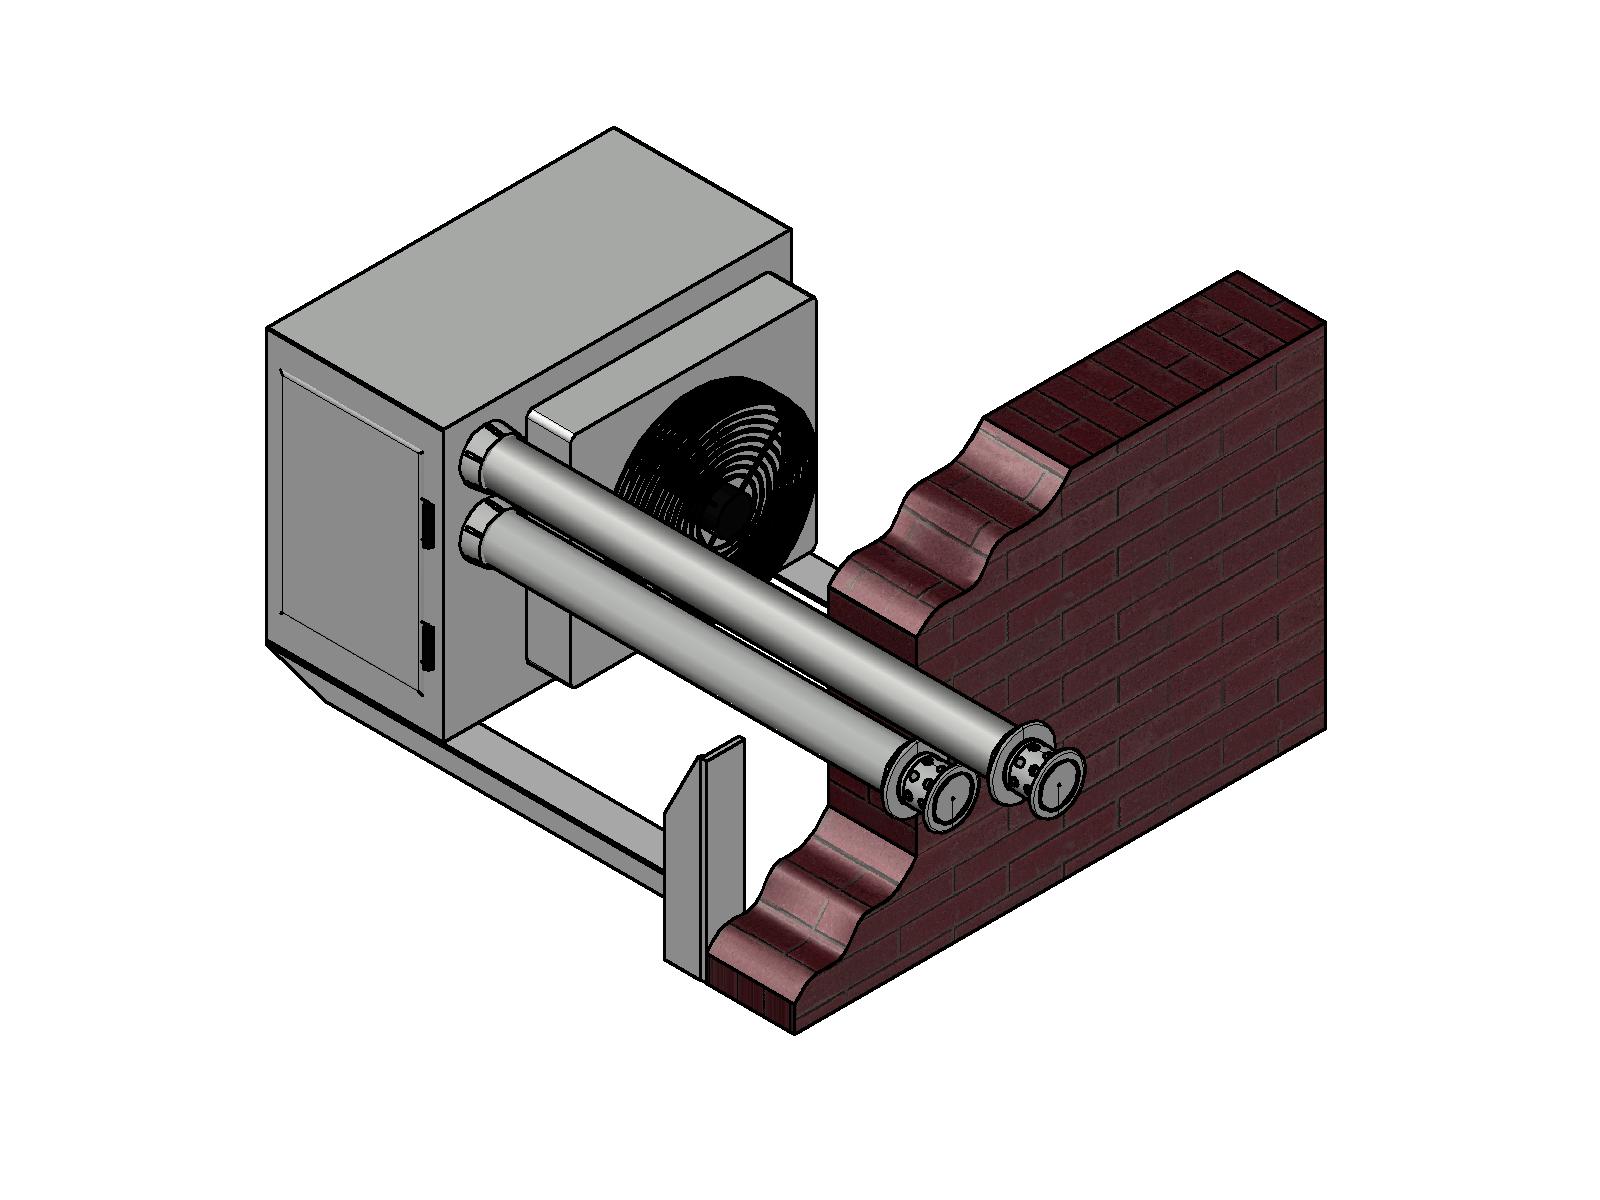 Modelová instalace - odtah spalin u plynového ohřívače vzduchu